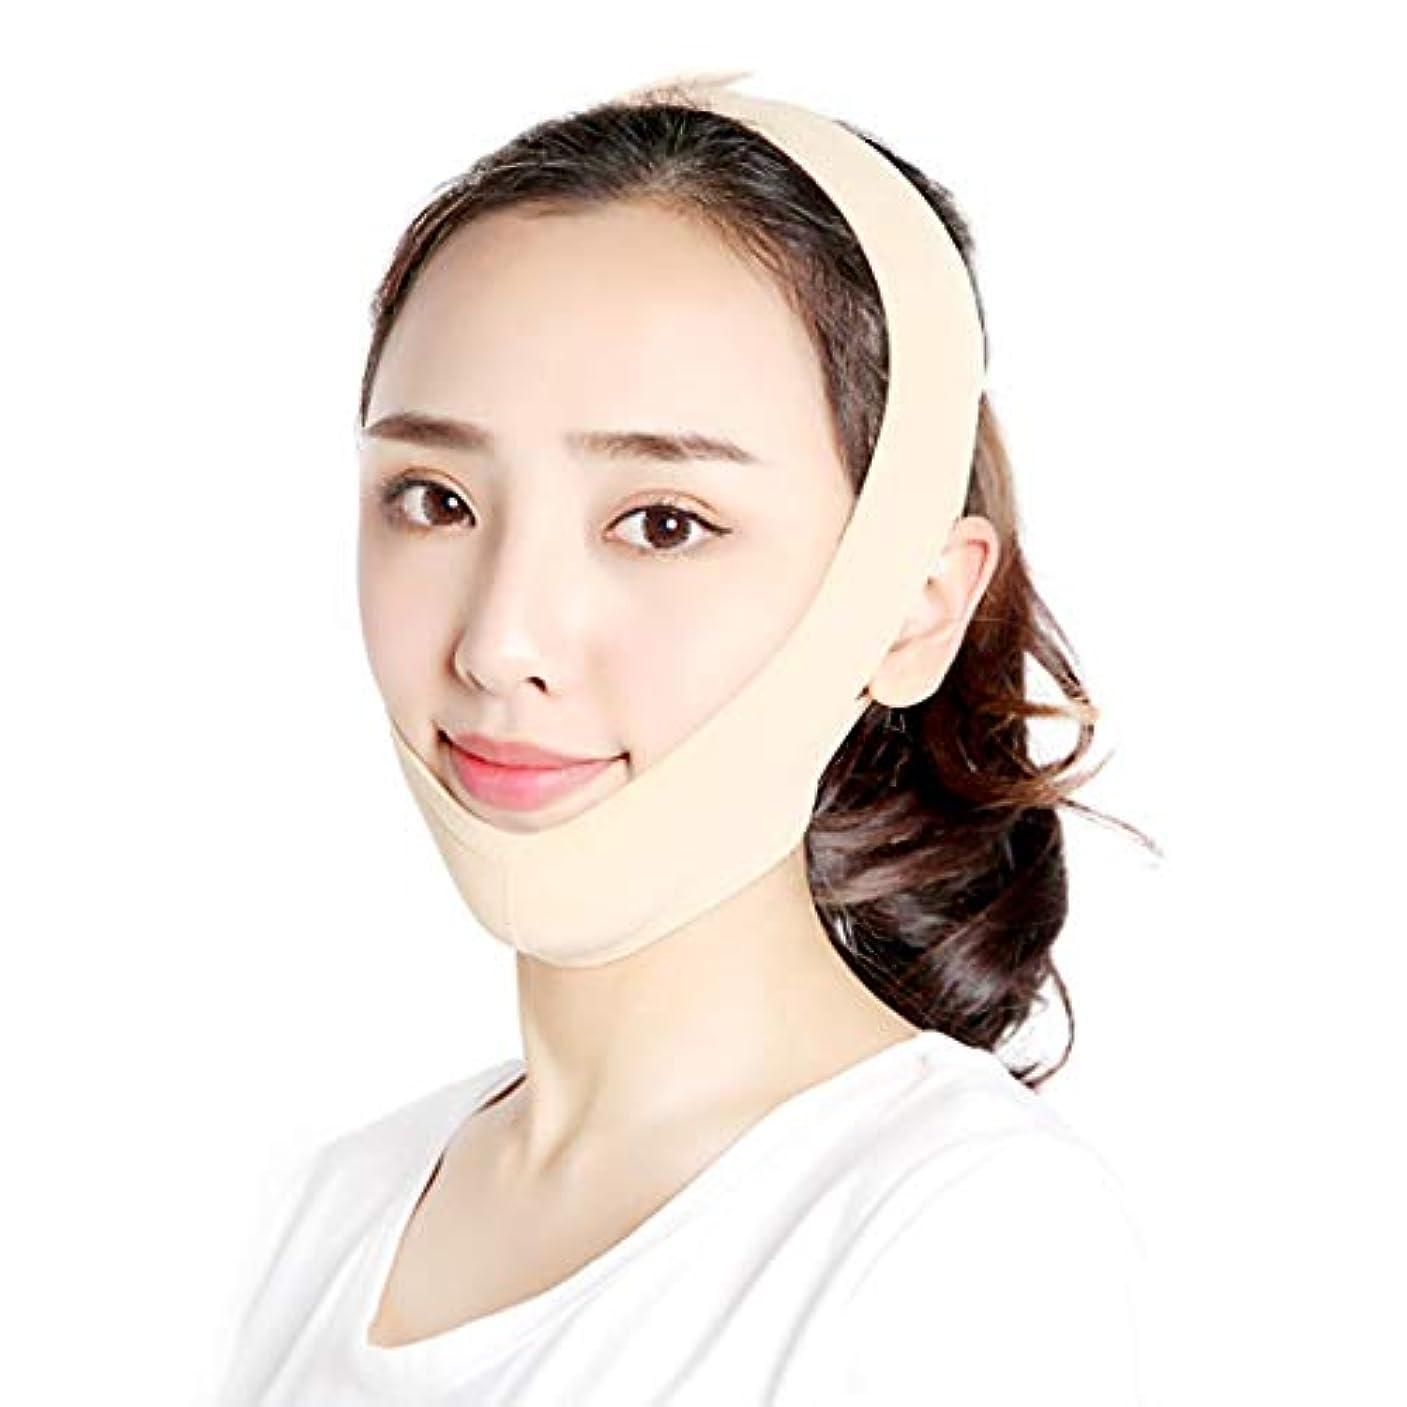 締め切りウィスキー昼食ZWBD フェイスマスク, フェイスリフティング包帯V字型マスクヘッドギアフェイシャルリフティングシェイピングリフティング引き締め (Size : XL)